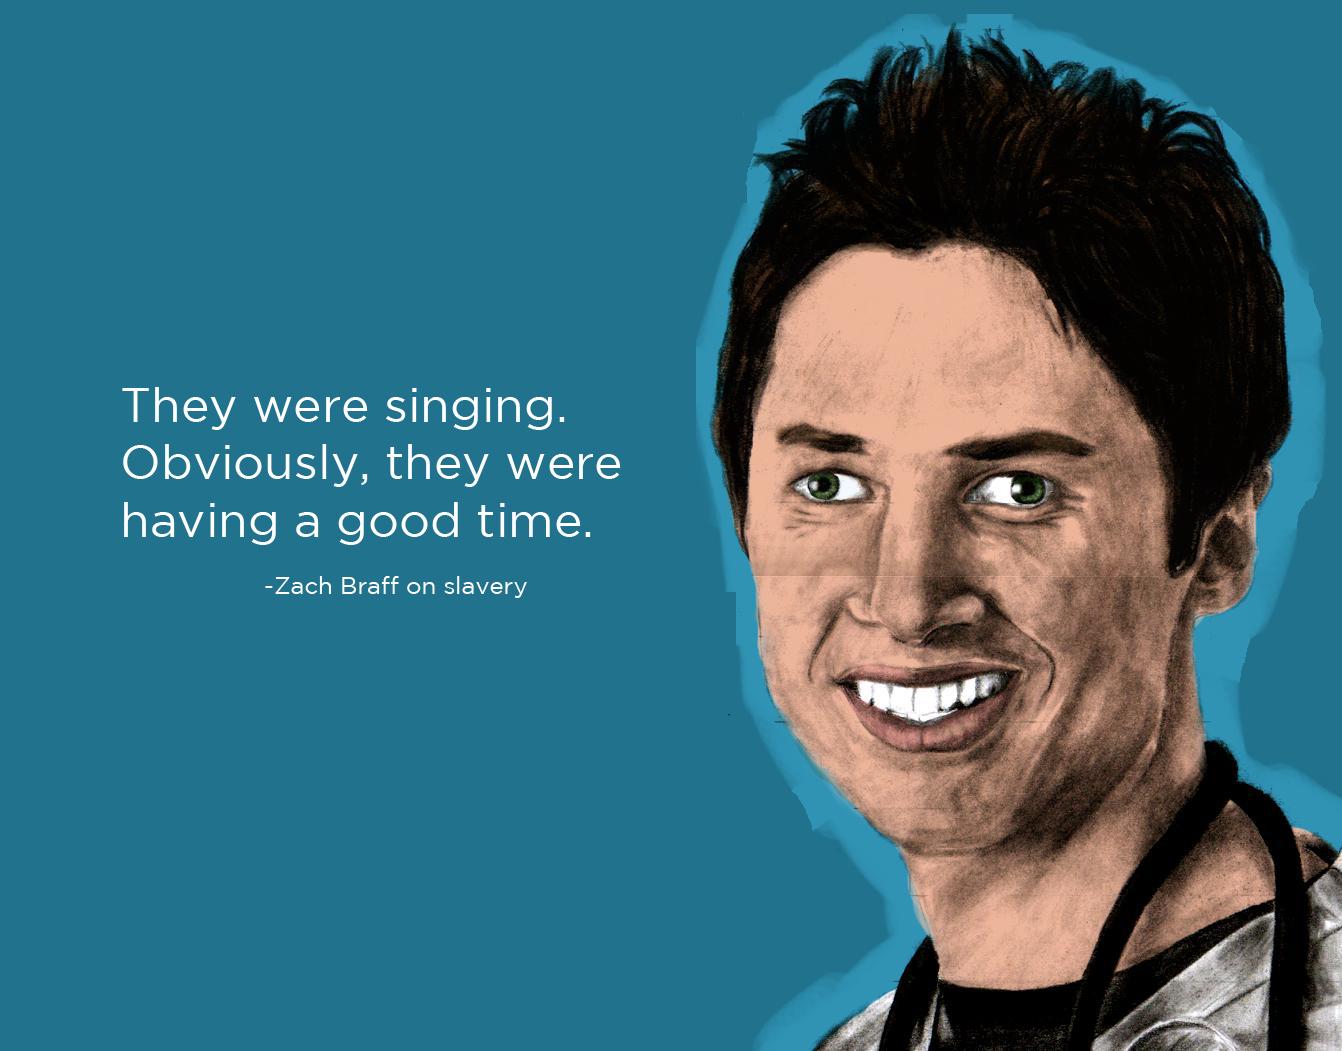 Zach Braff's quote #5